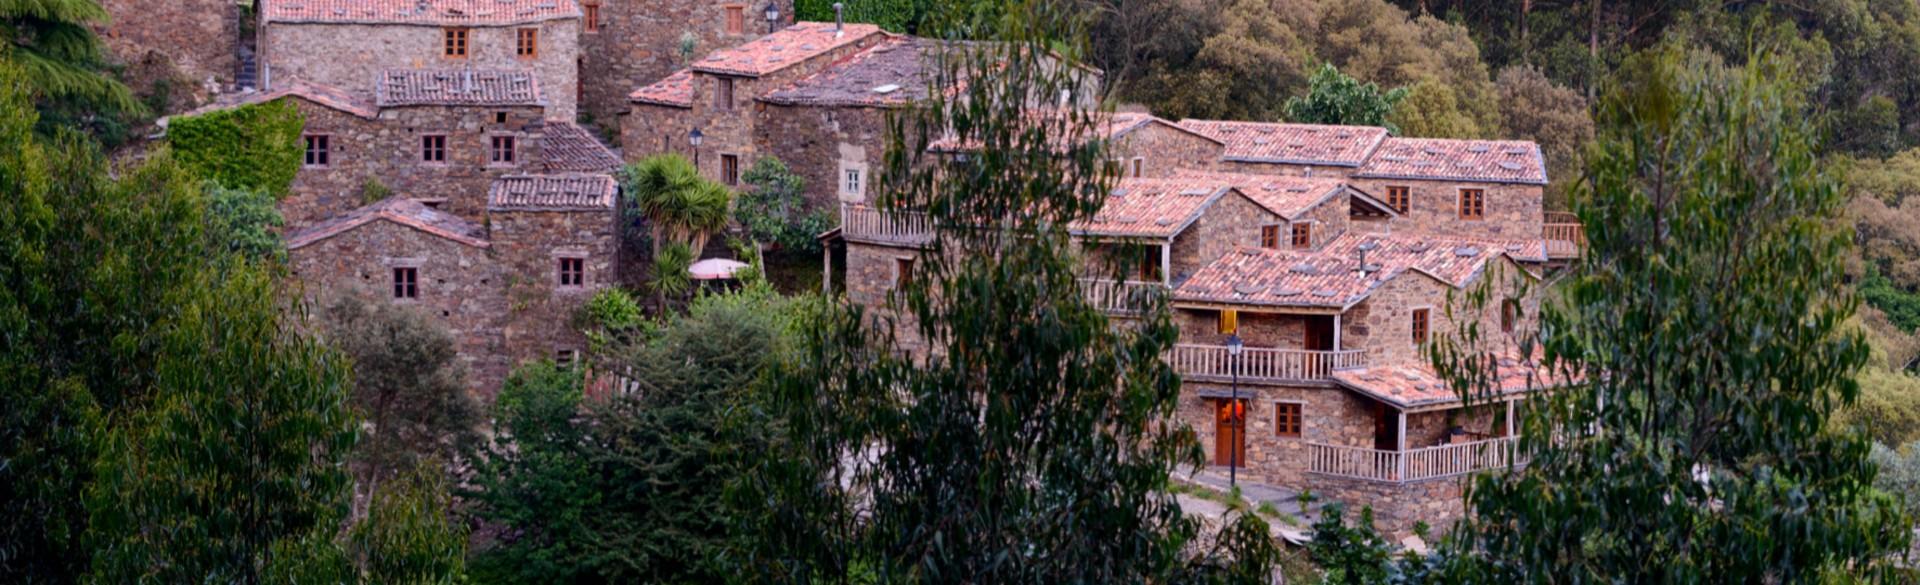 Casa das Estórias - Cerdeira - Home for Creativity